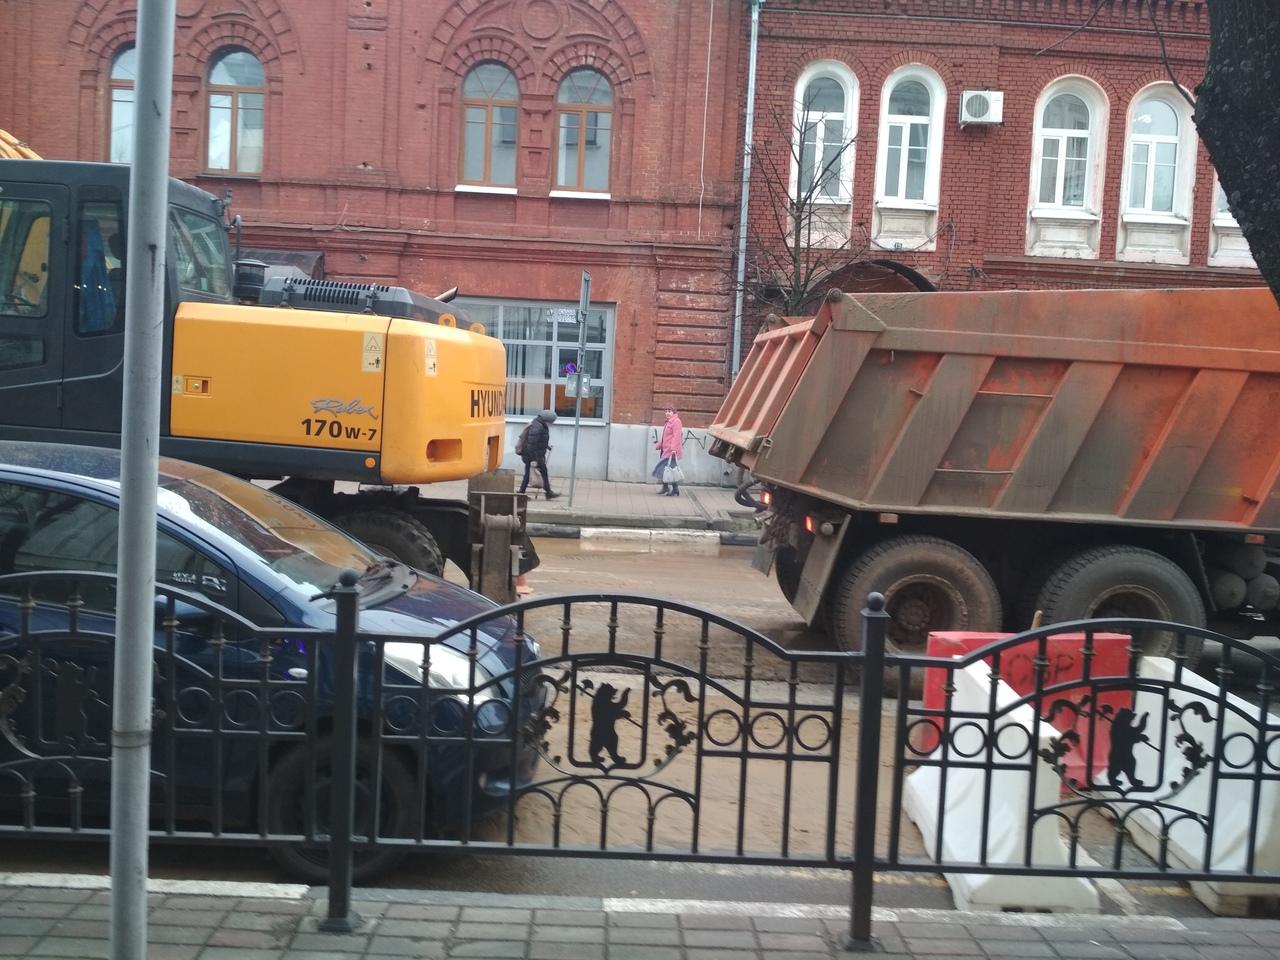 В центре Ярославля затопило улицу Депутатскую: как ликвидируют последствия ЧП